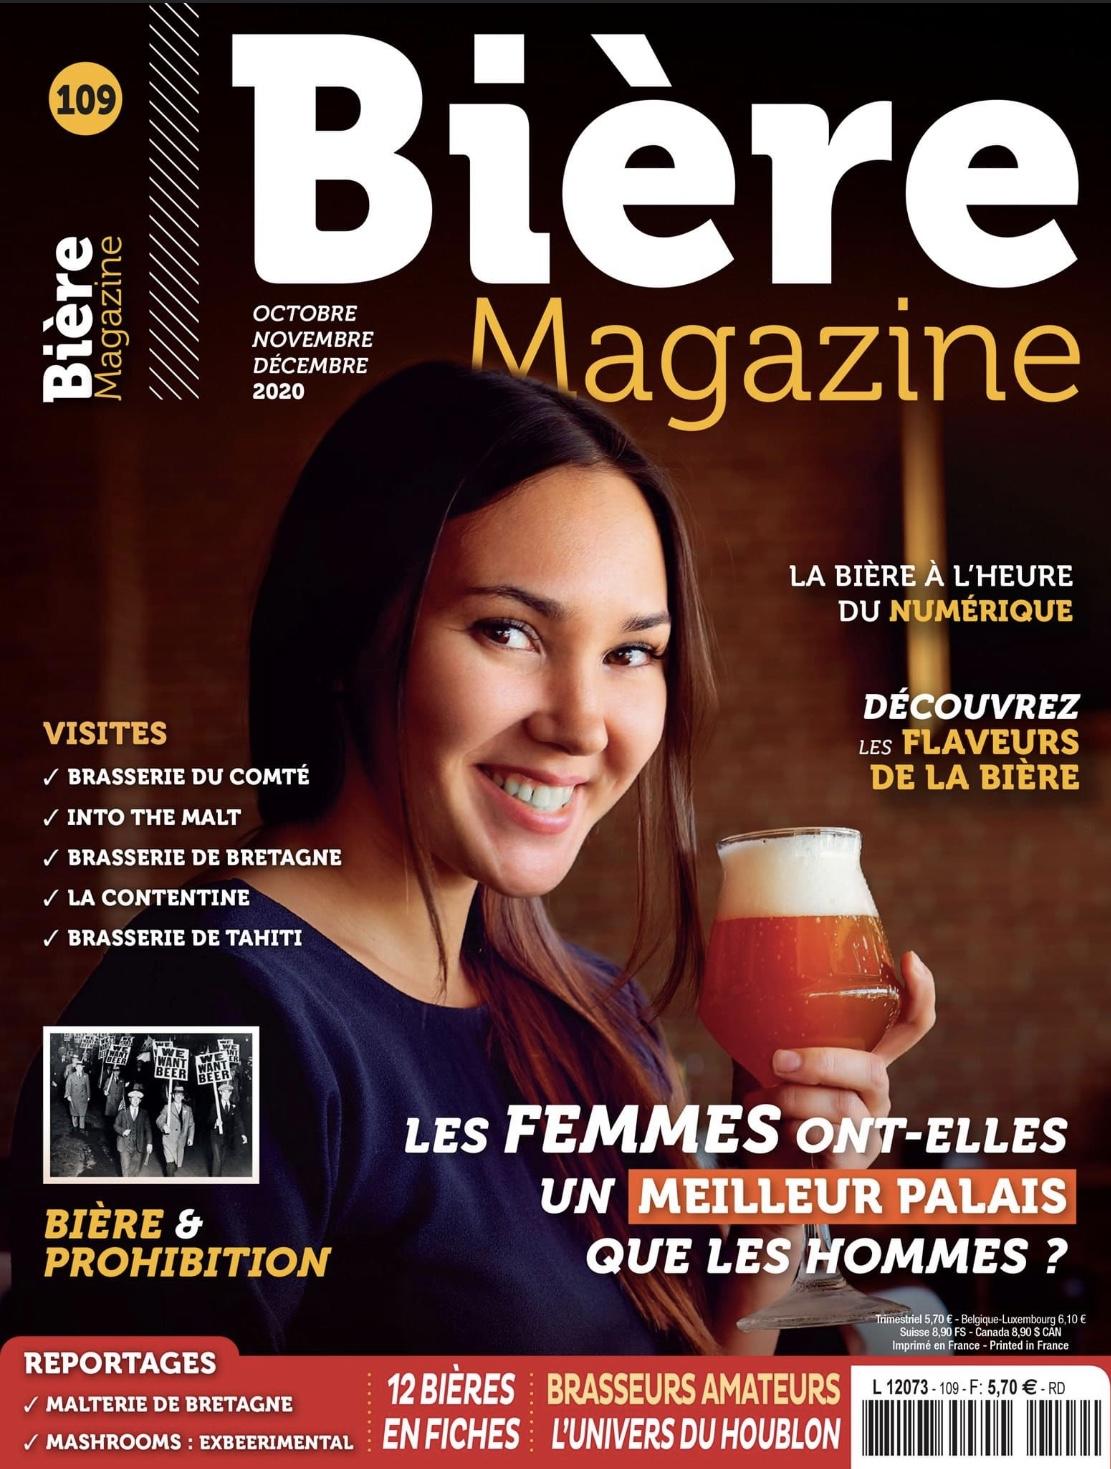 Article » Si la bière m'était Comté…» Biere Magazine Page Couverture – Octobre 2020